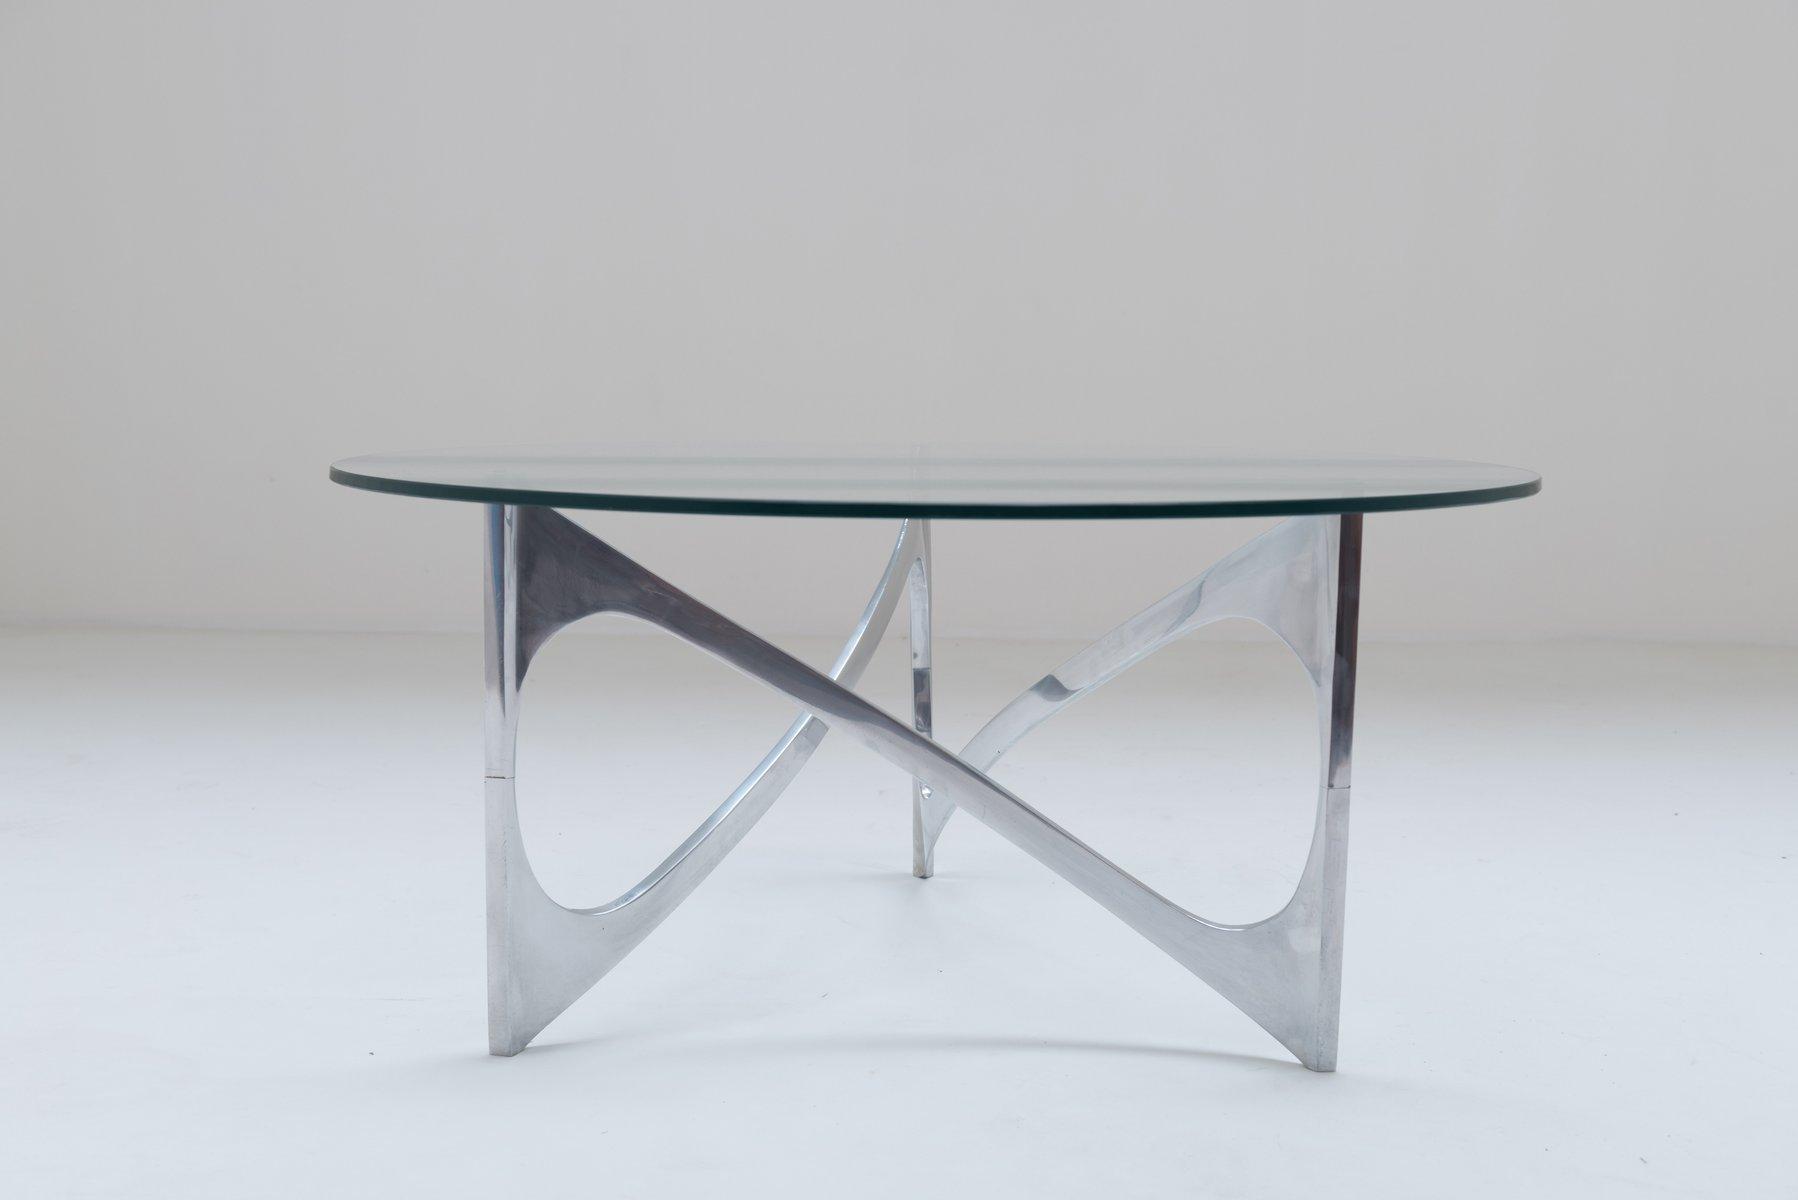 Couchtisch von Knut Hesterberg für Bacher Tische, 1971